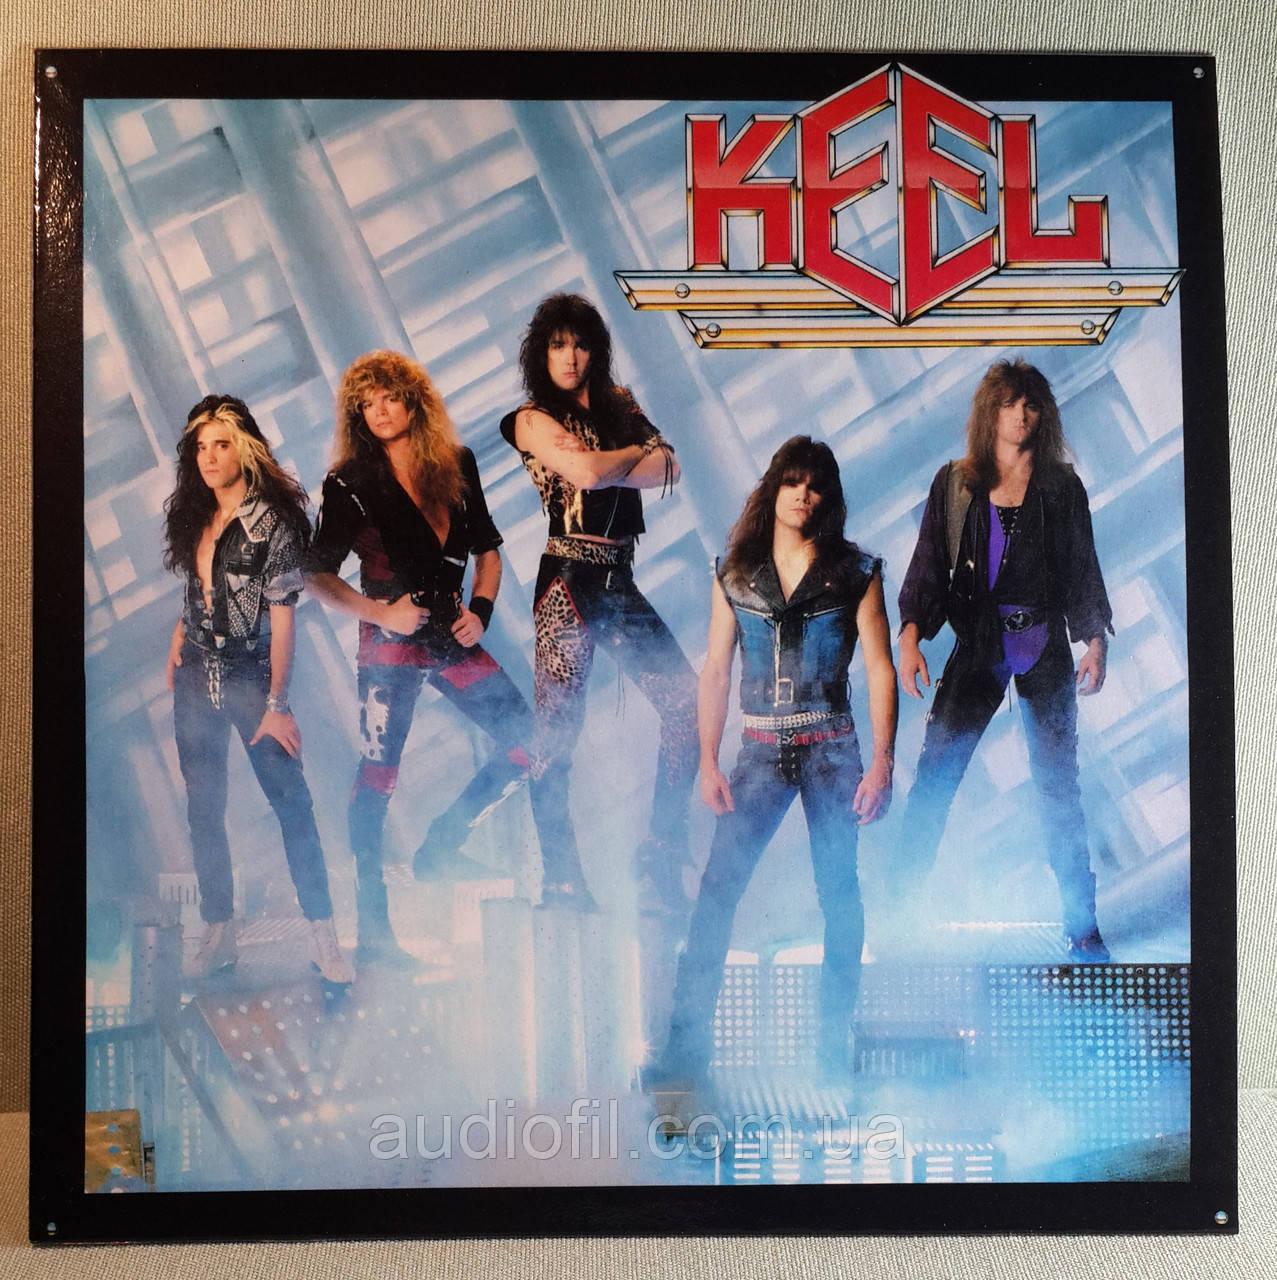 CD диск Keel – Keel, фото 1